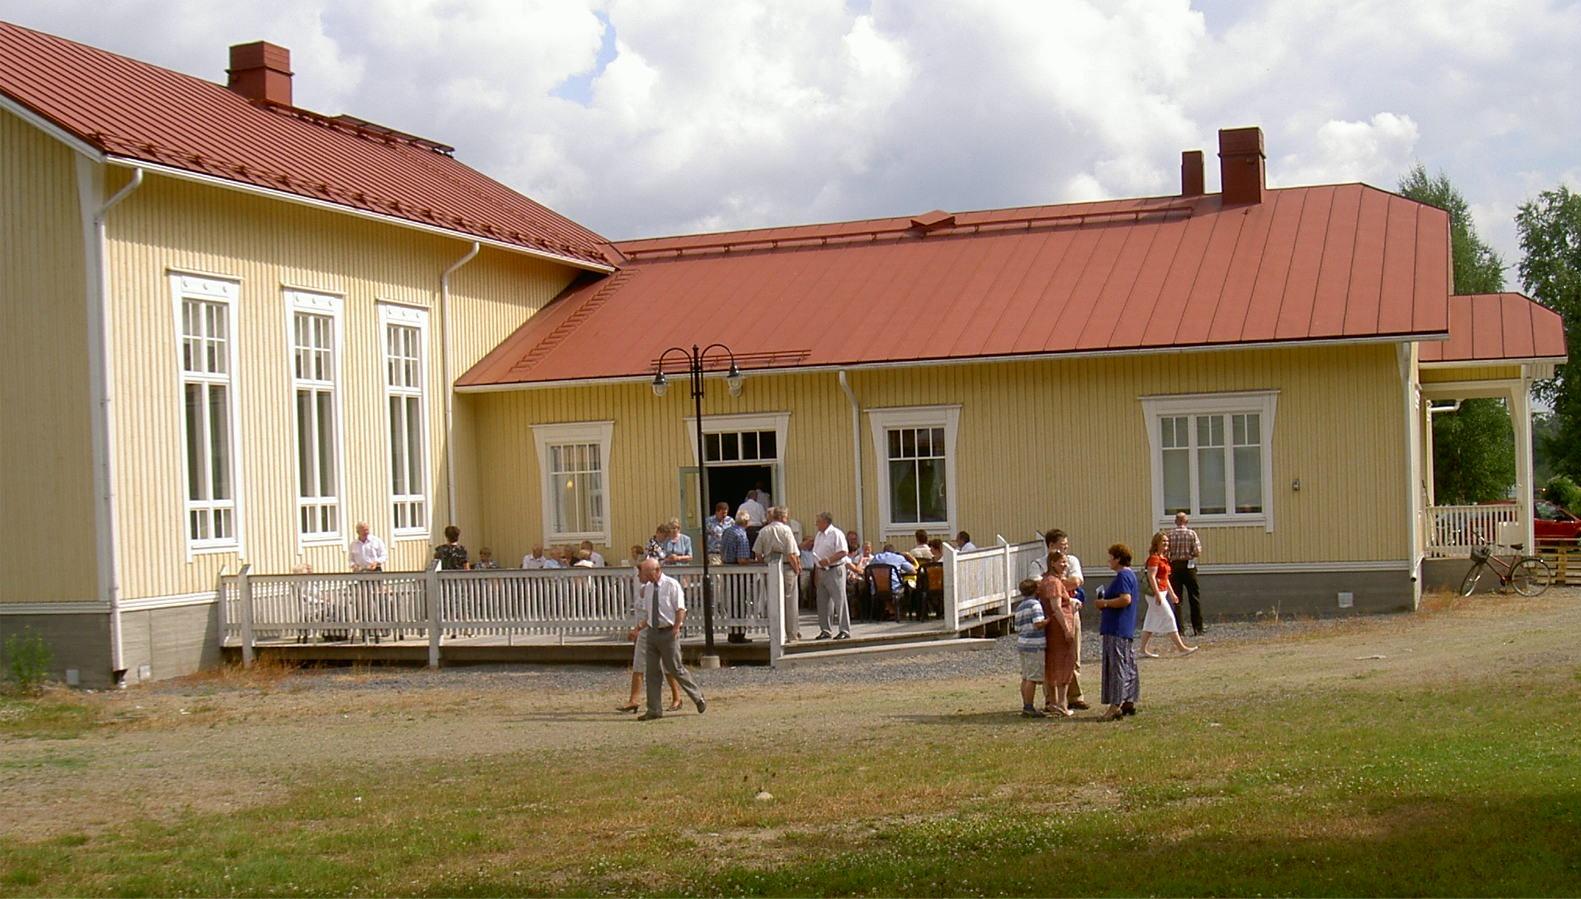 På föreningshusets baksida finns en större terrass som vid vackert väder kan användas av gästerna.